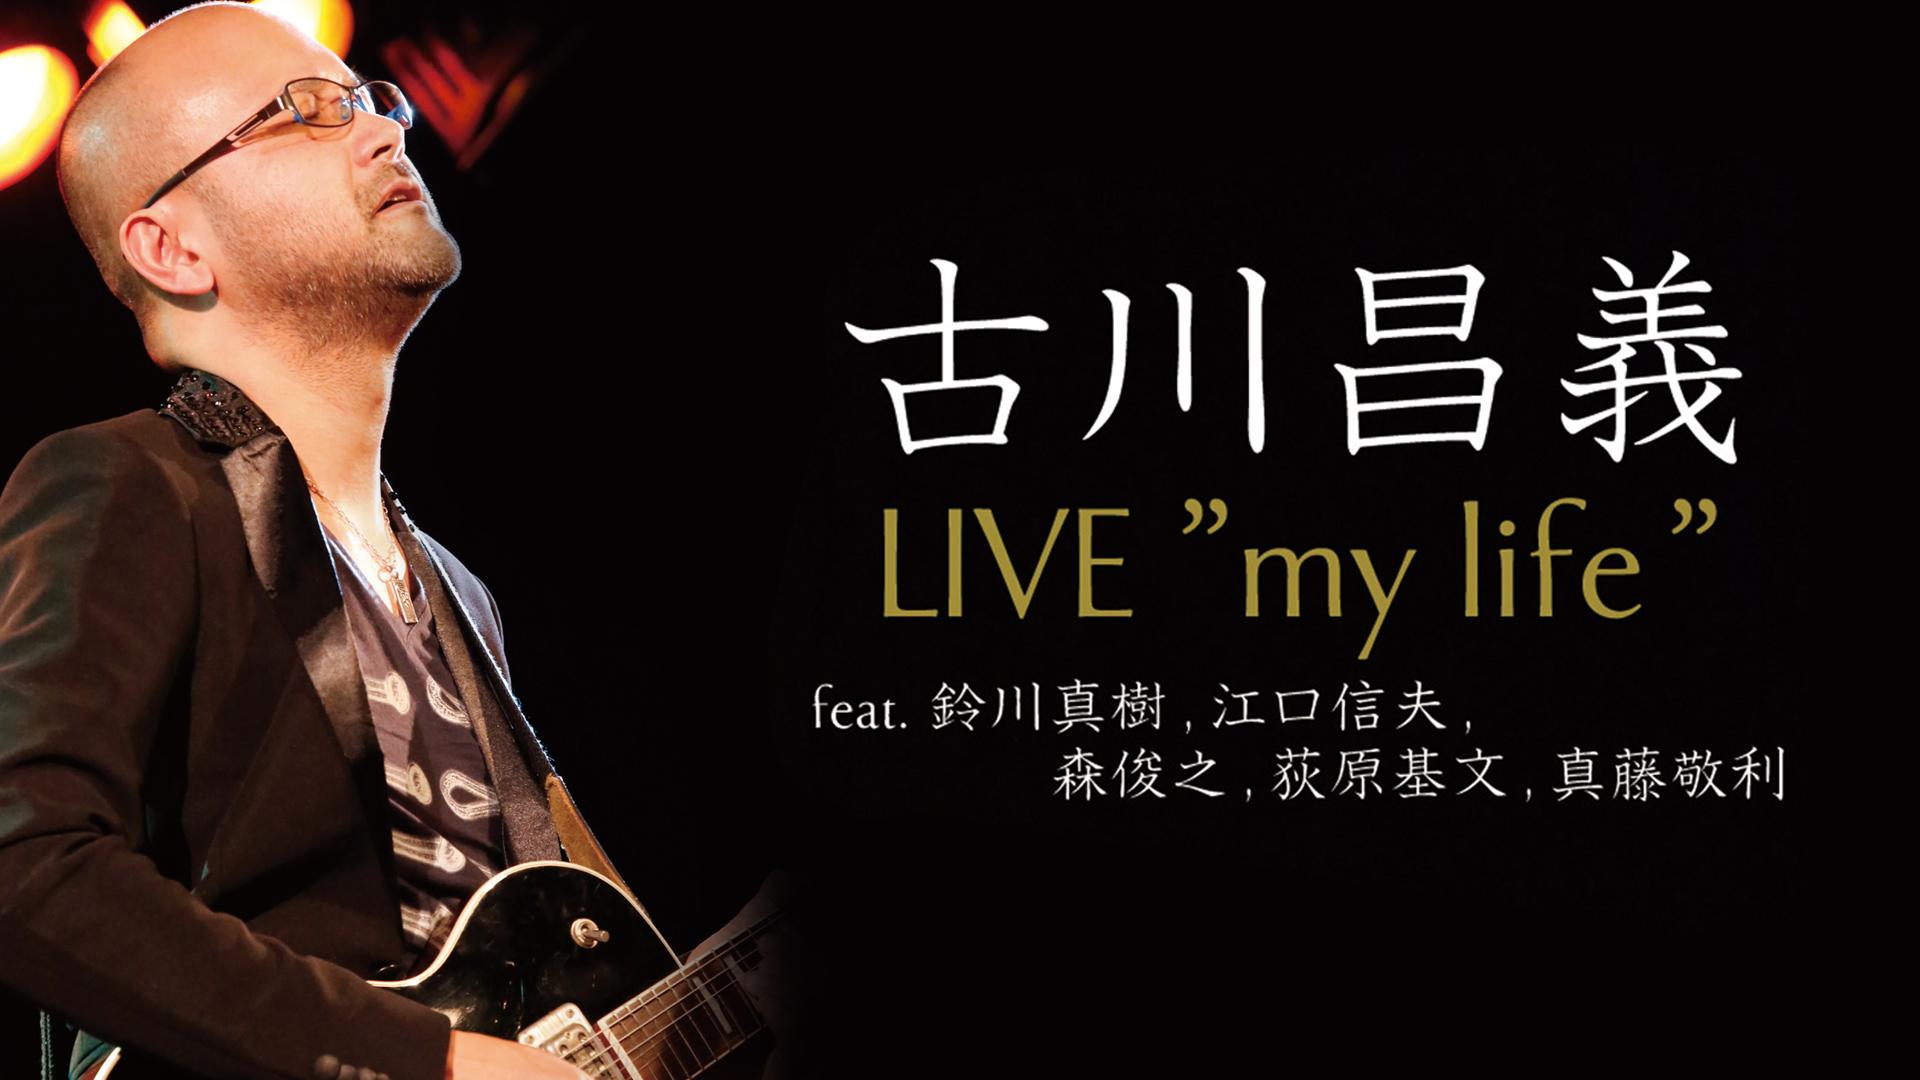 """古川昌義 LIVE """"my life """" feat.鈴川真樹,江口信夫,森俊之,荻原基文,真藤敬利"""